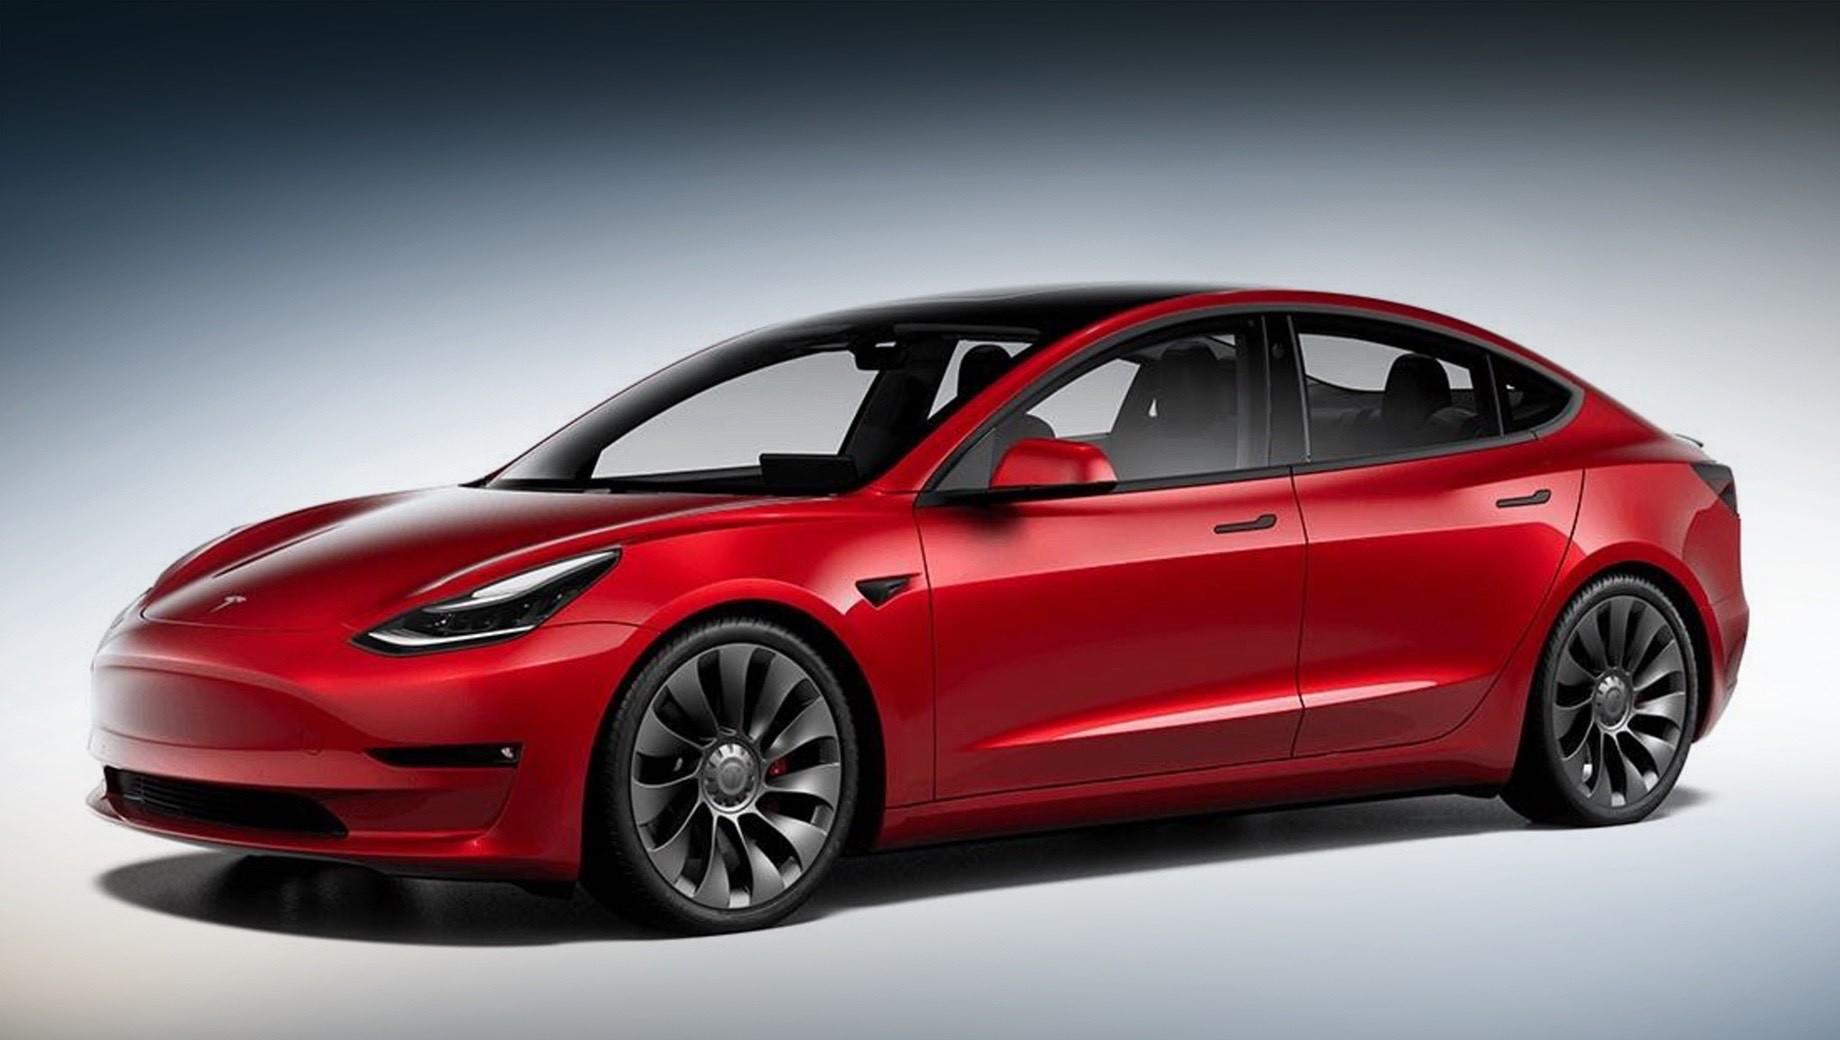 Tesla model 3. В Штатах обновлённая Tesla Model 3 стоит от $37 990 до $54 990 (от 2,96 до 4,29 млн рублей), а в Германии за тот же автомобиль нужно отдать от 42 900 до 58 000 евро (от 3,9 до 5,3 млн рублей).